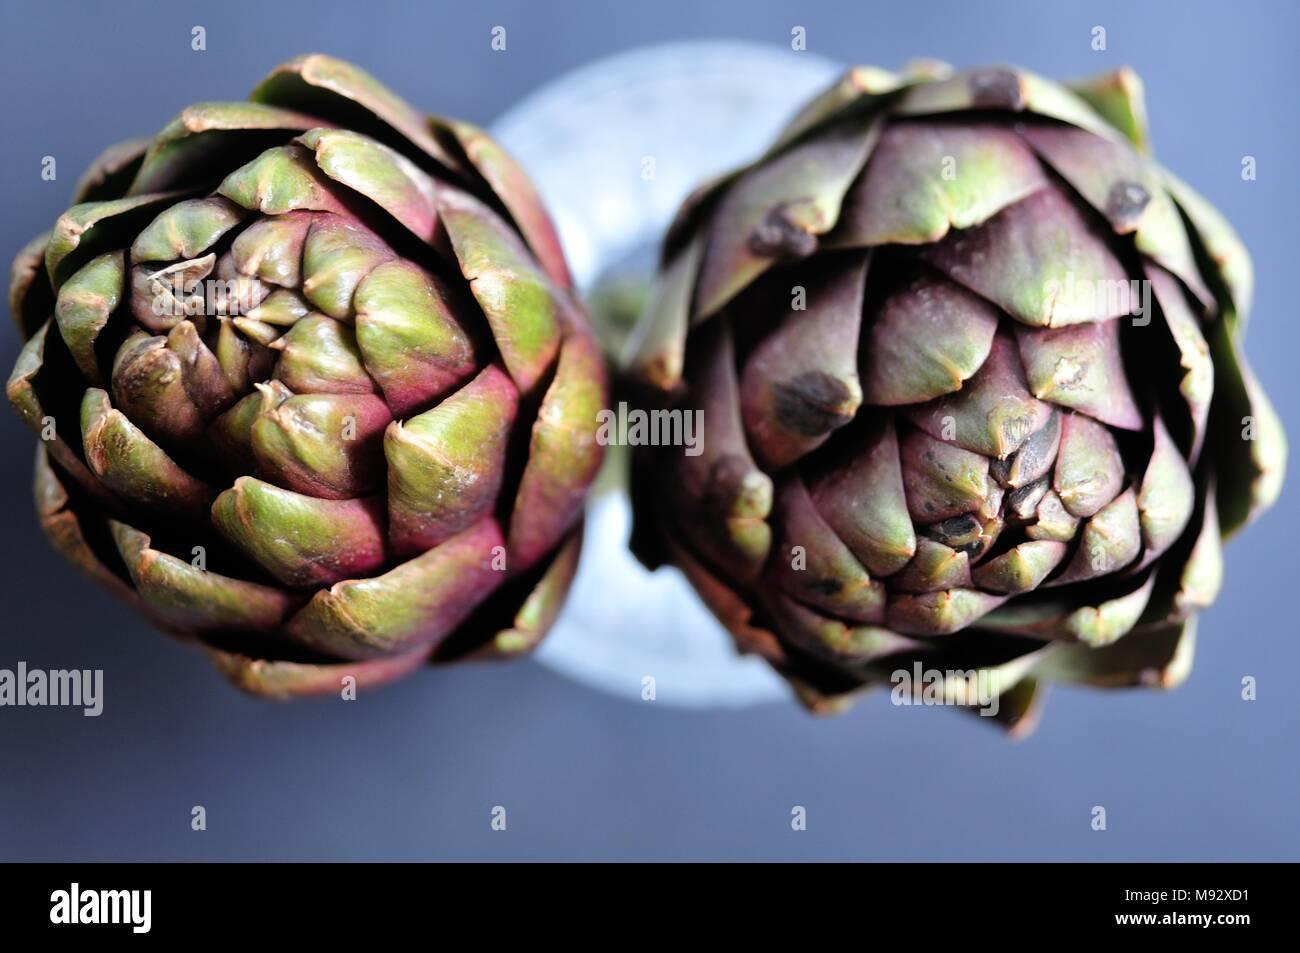 Due verde carciofi organica su uno sfondo grigio, vista dall'alto. Una sana dieta antiossidante e verdure. Immagini Stock